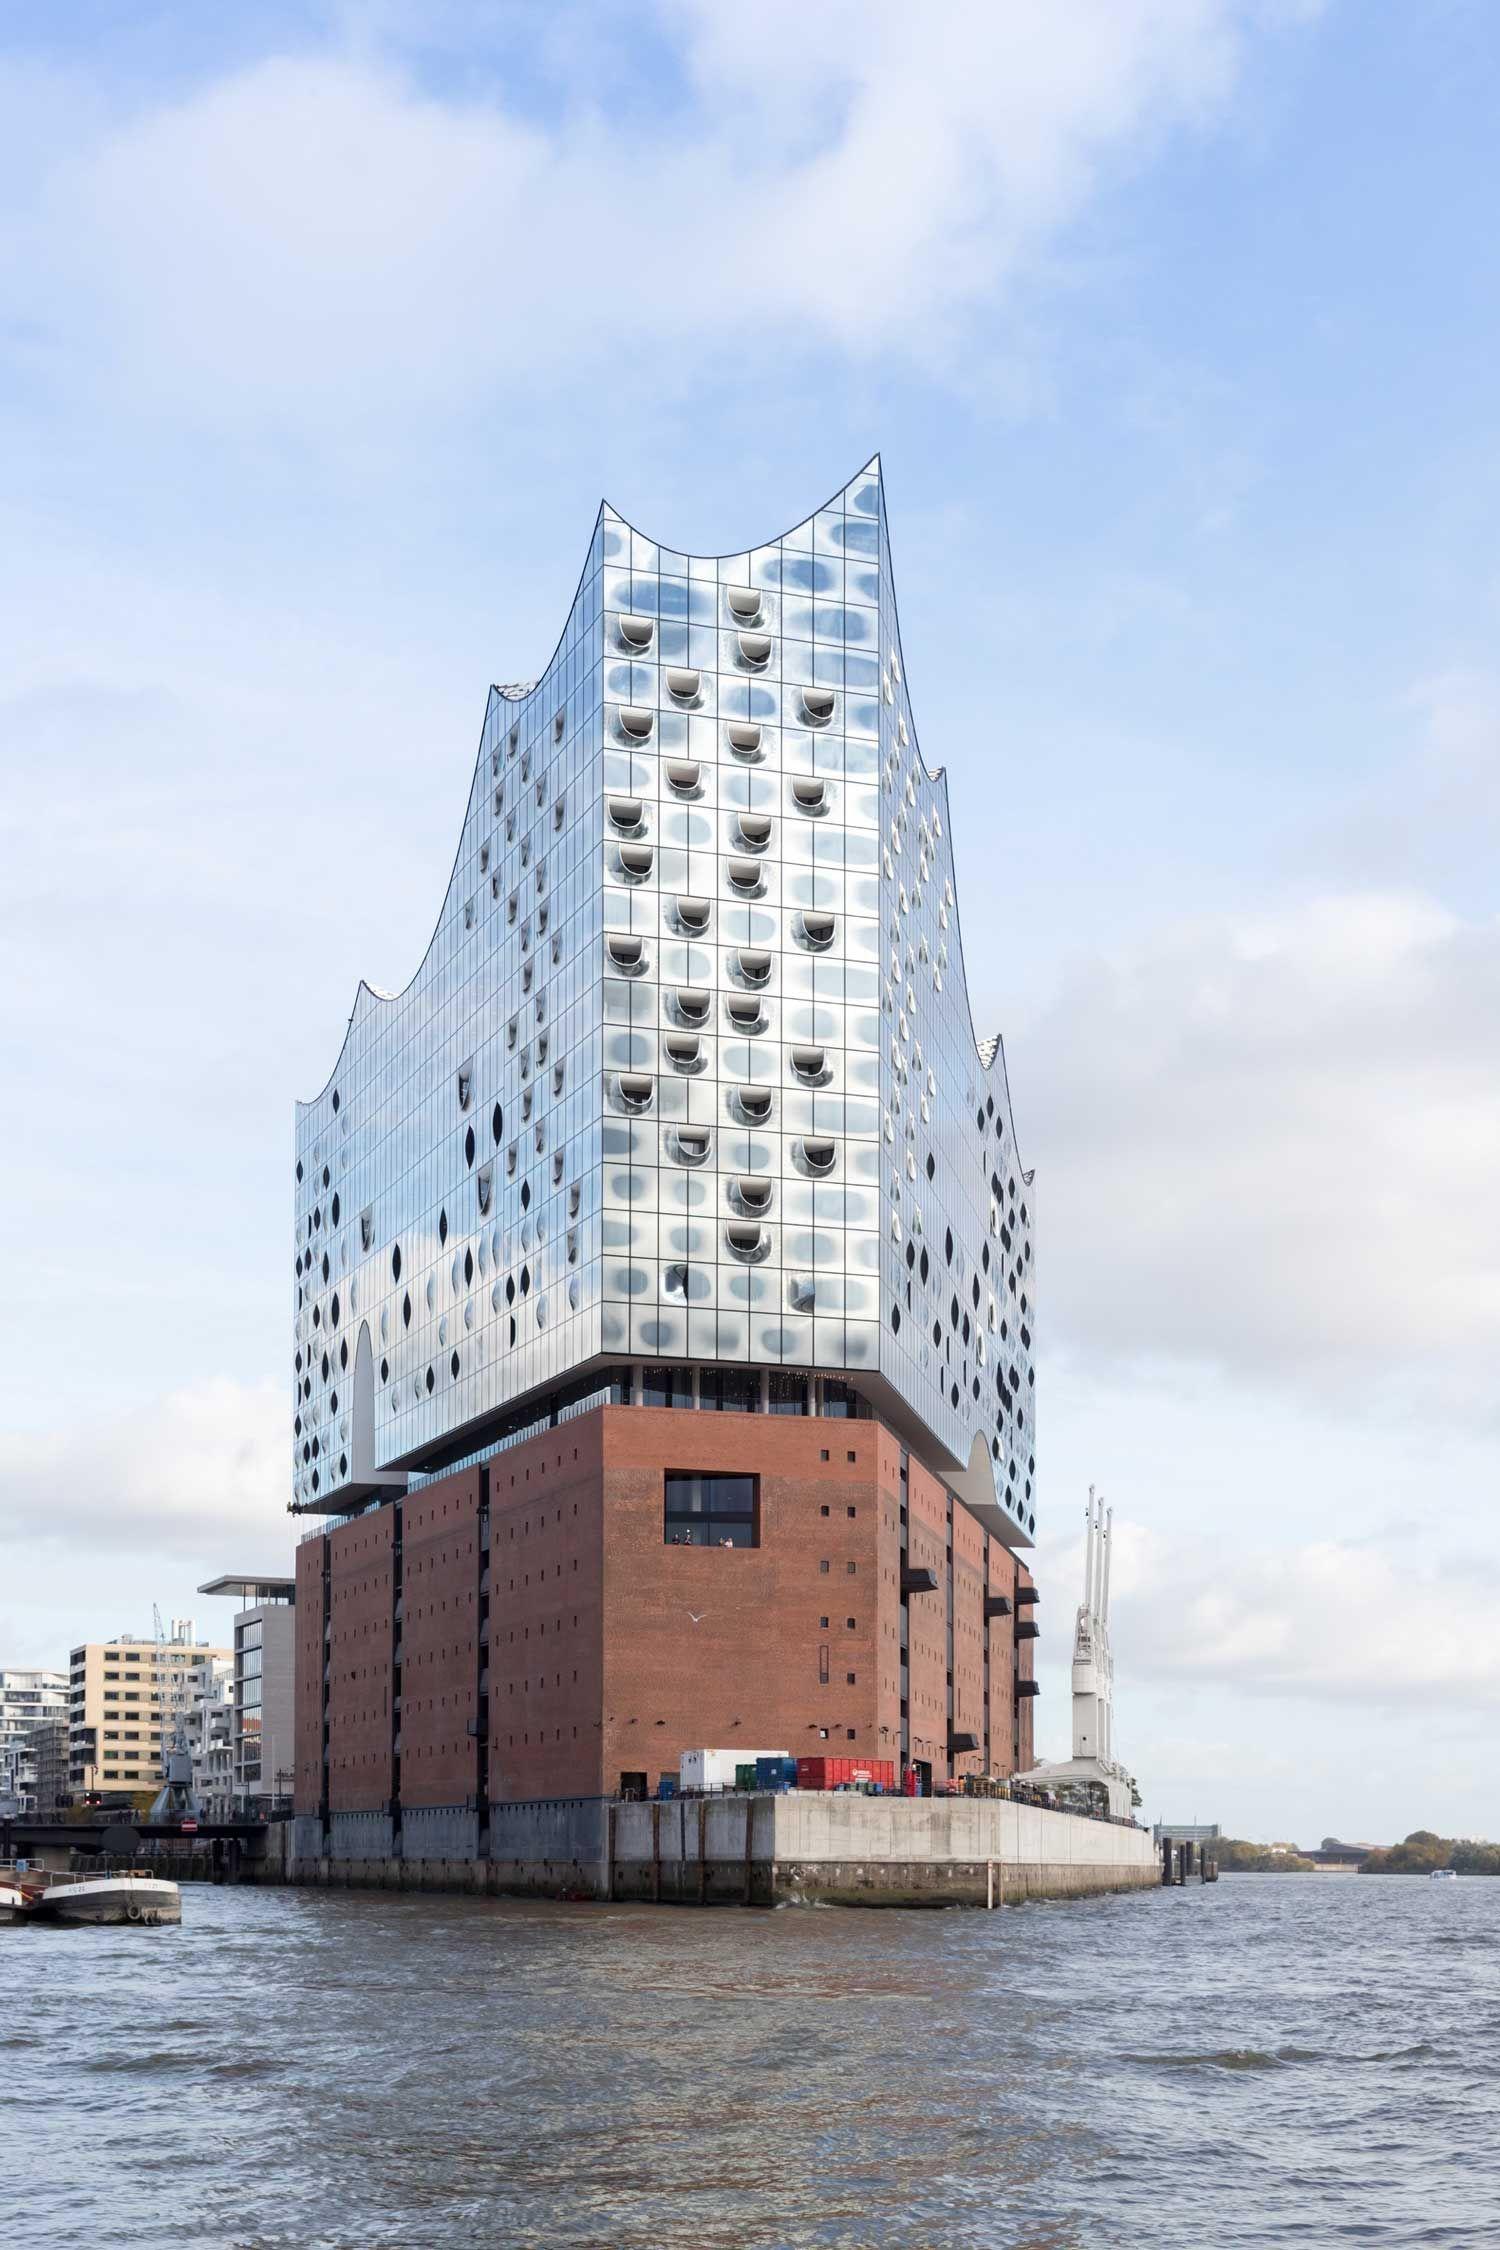 Elbphilharmonie Concert Hall By Herzog De Meuron Opens In Hamburg Architecture Hamburg Facade Architecture